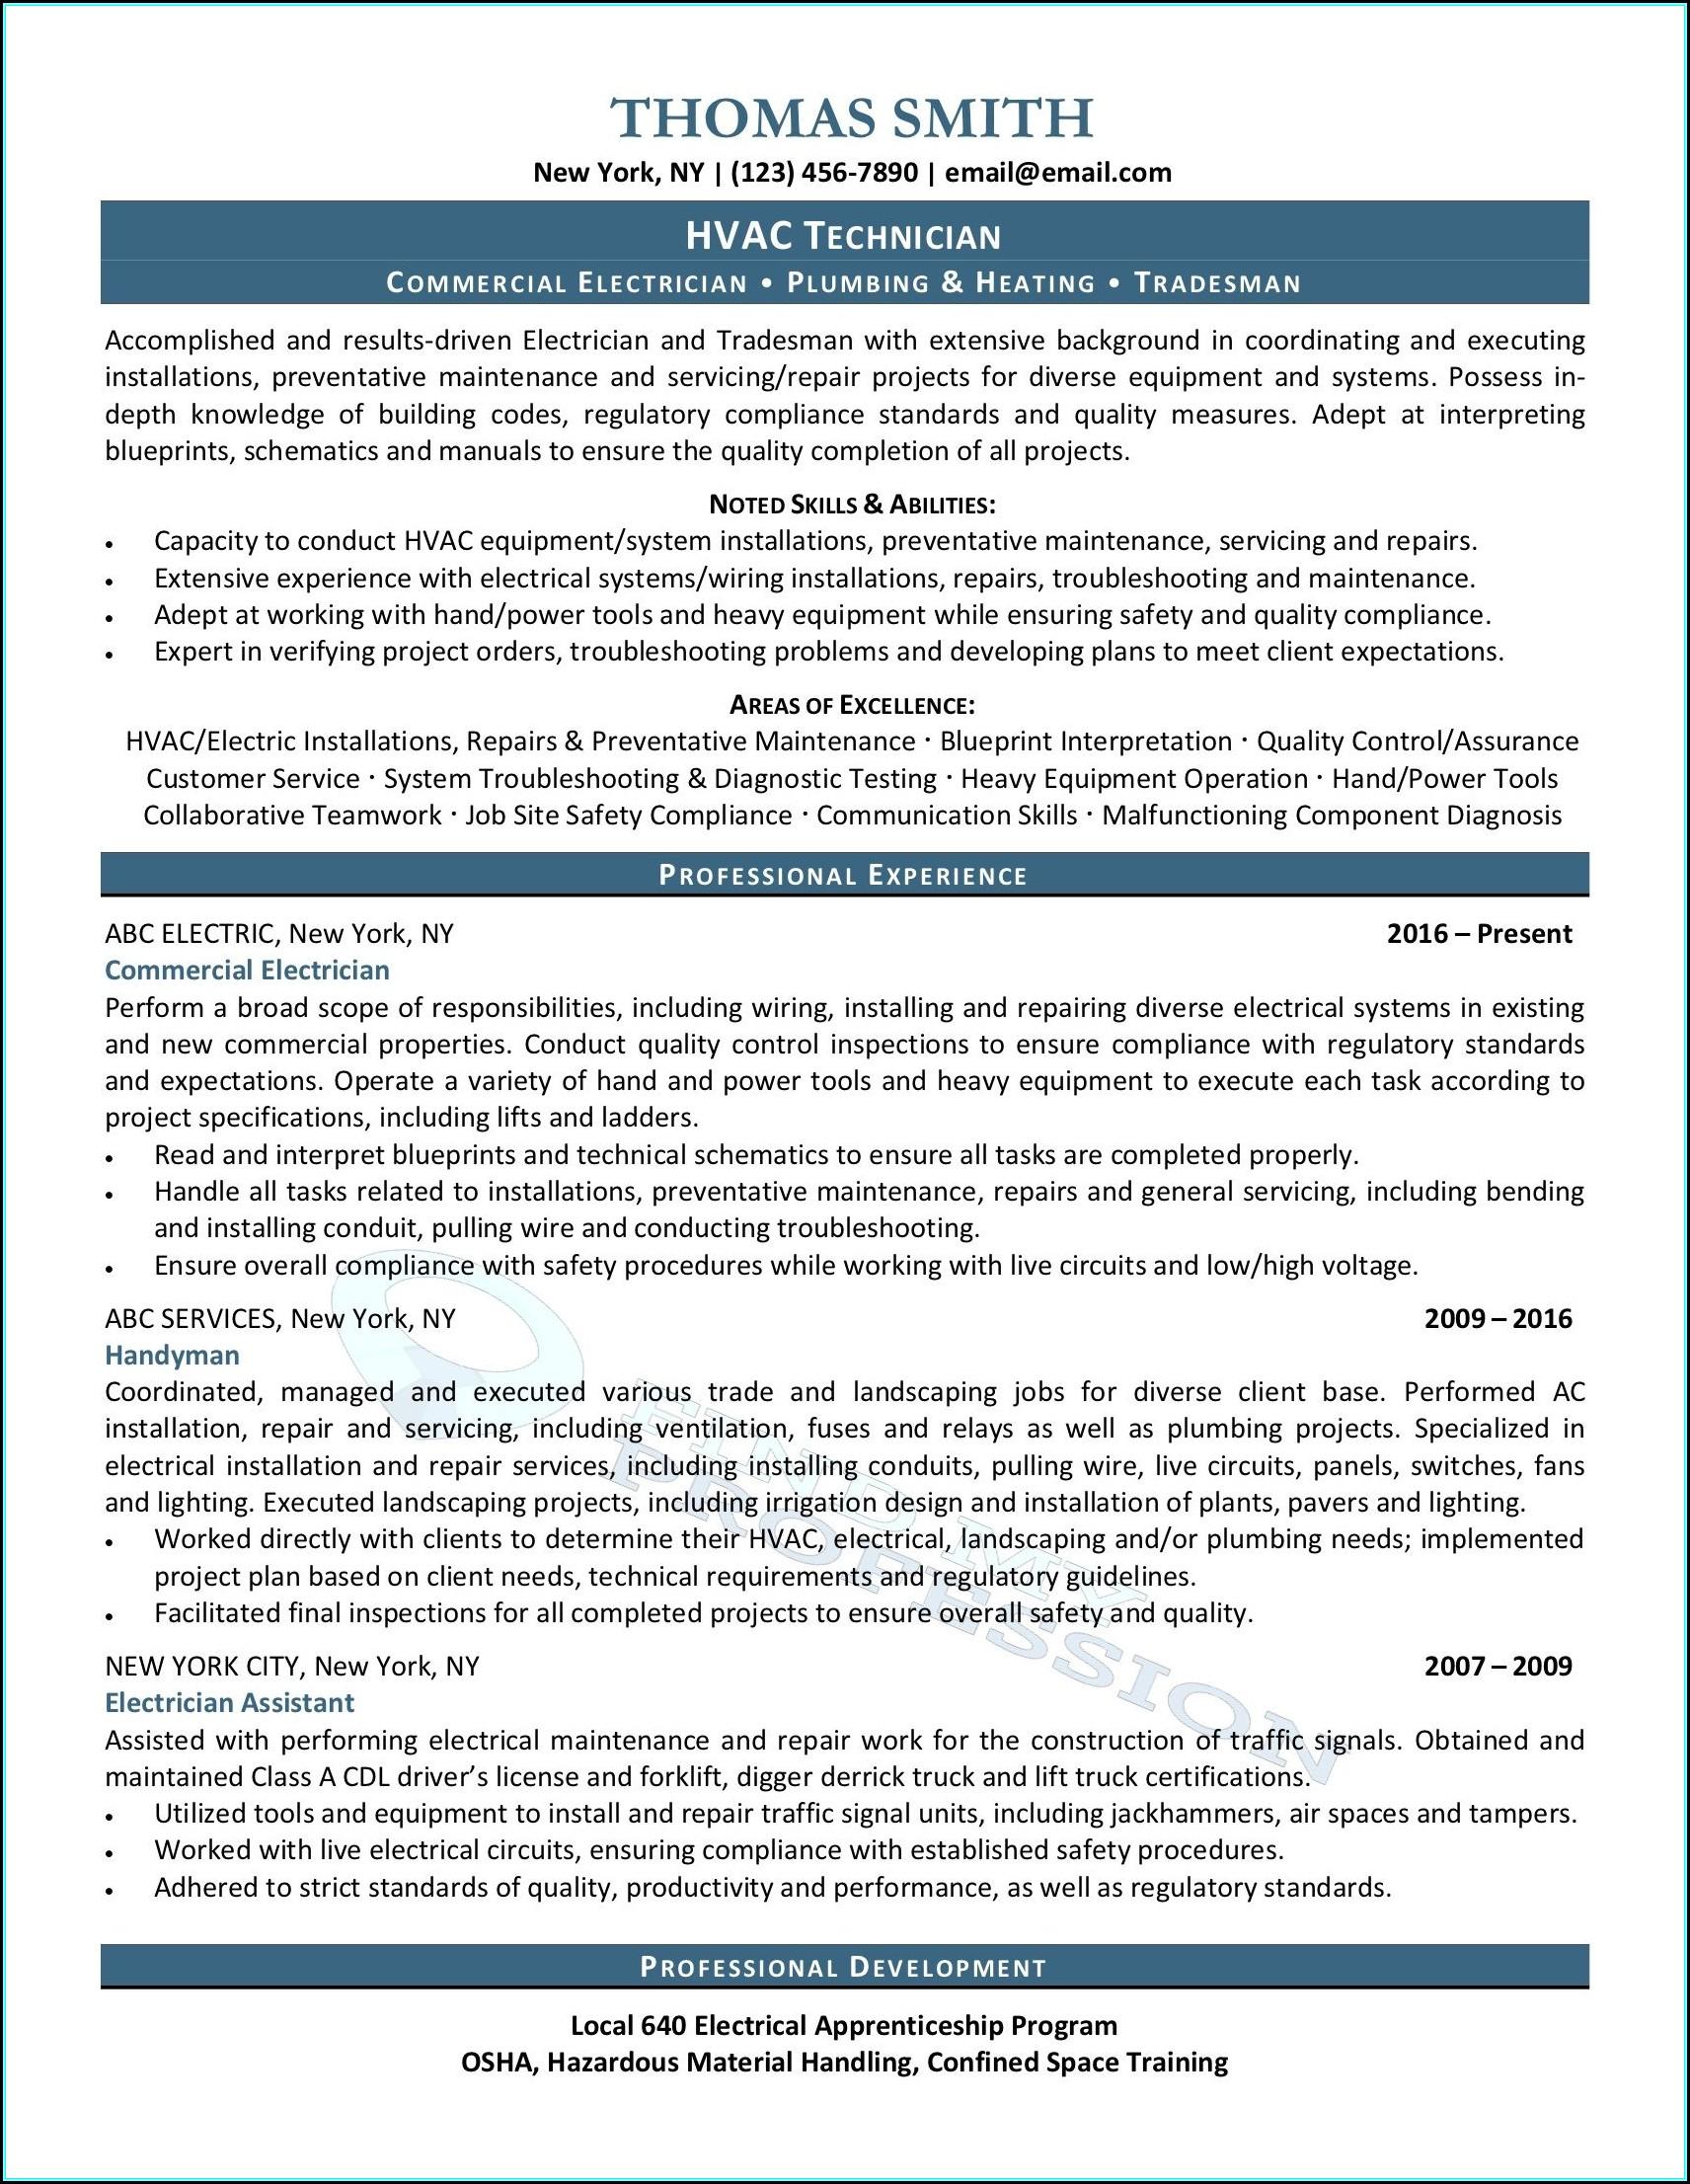 Resume For Hvac